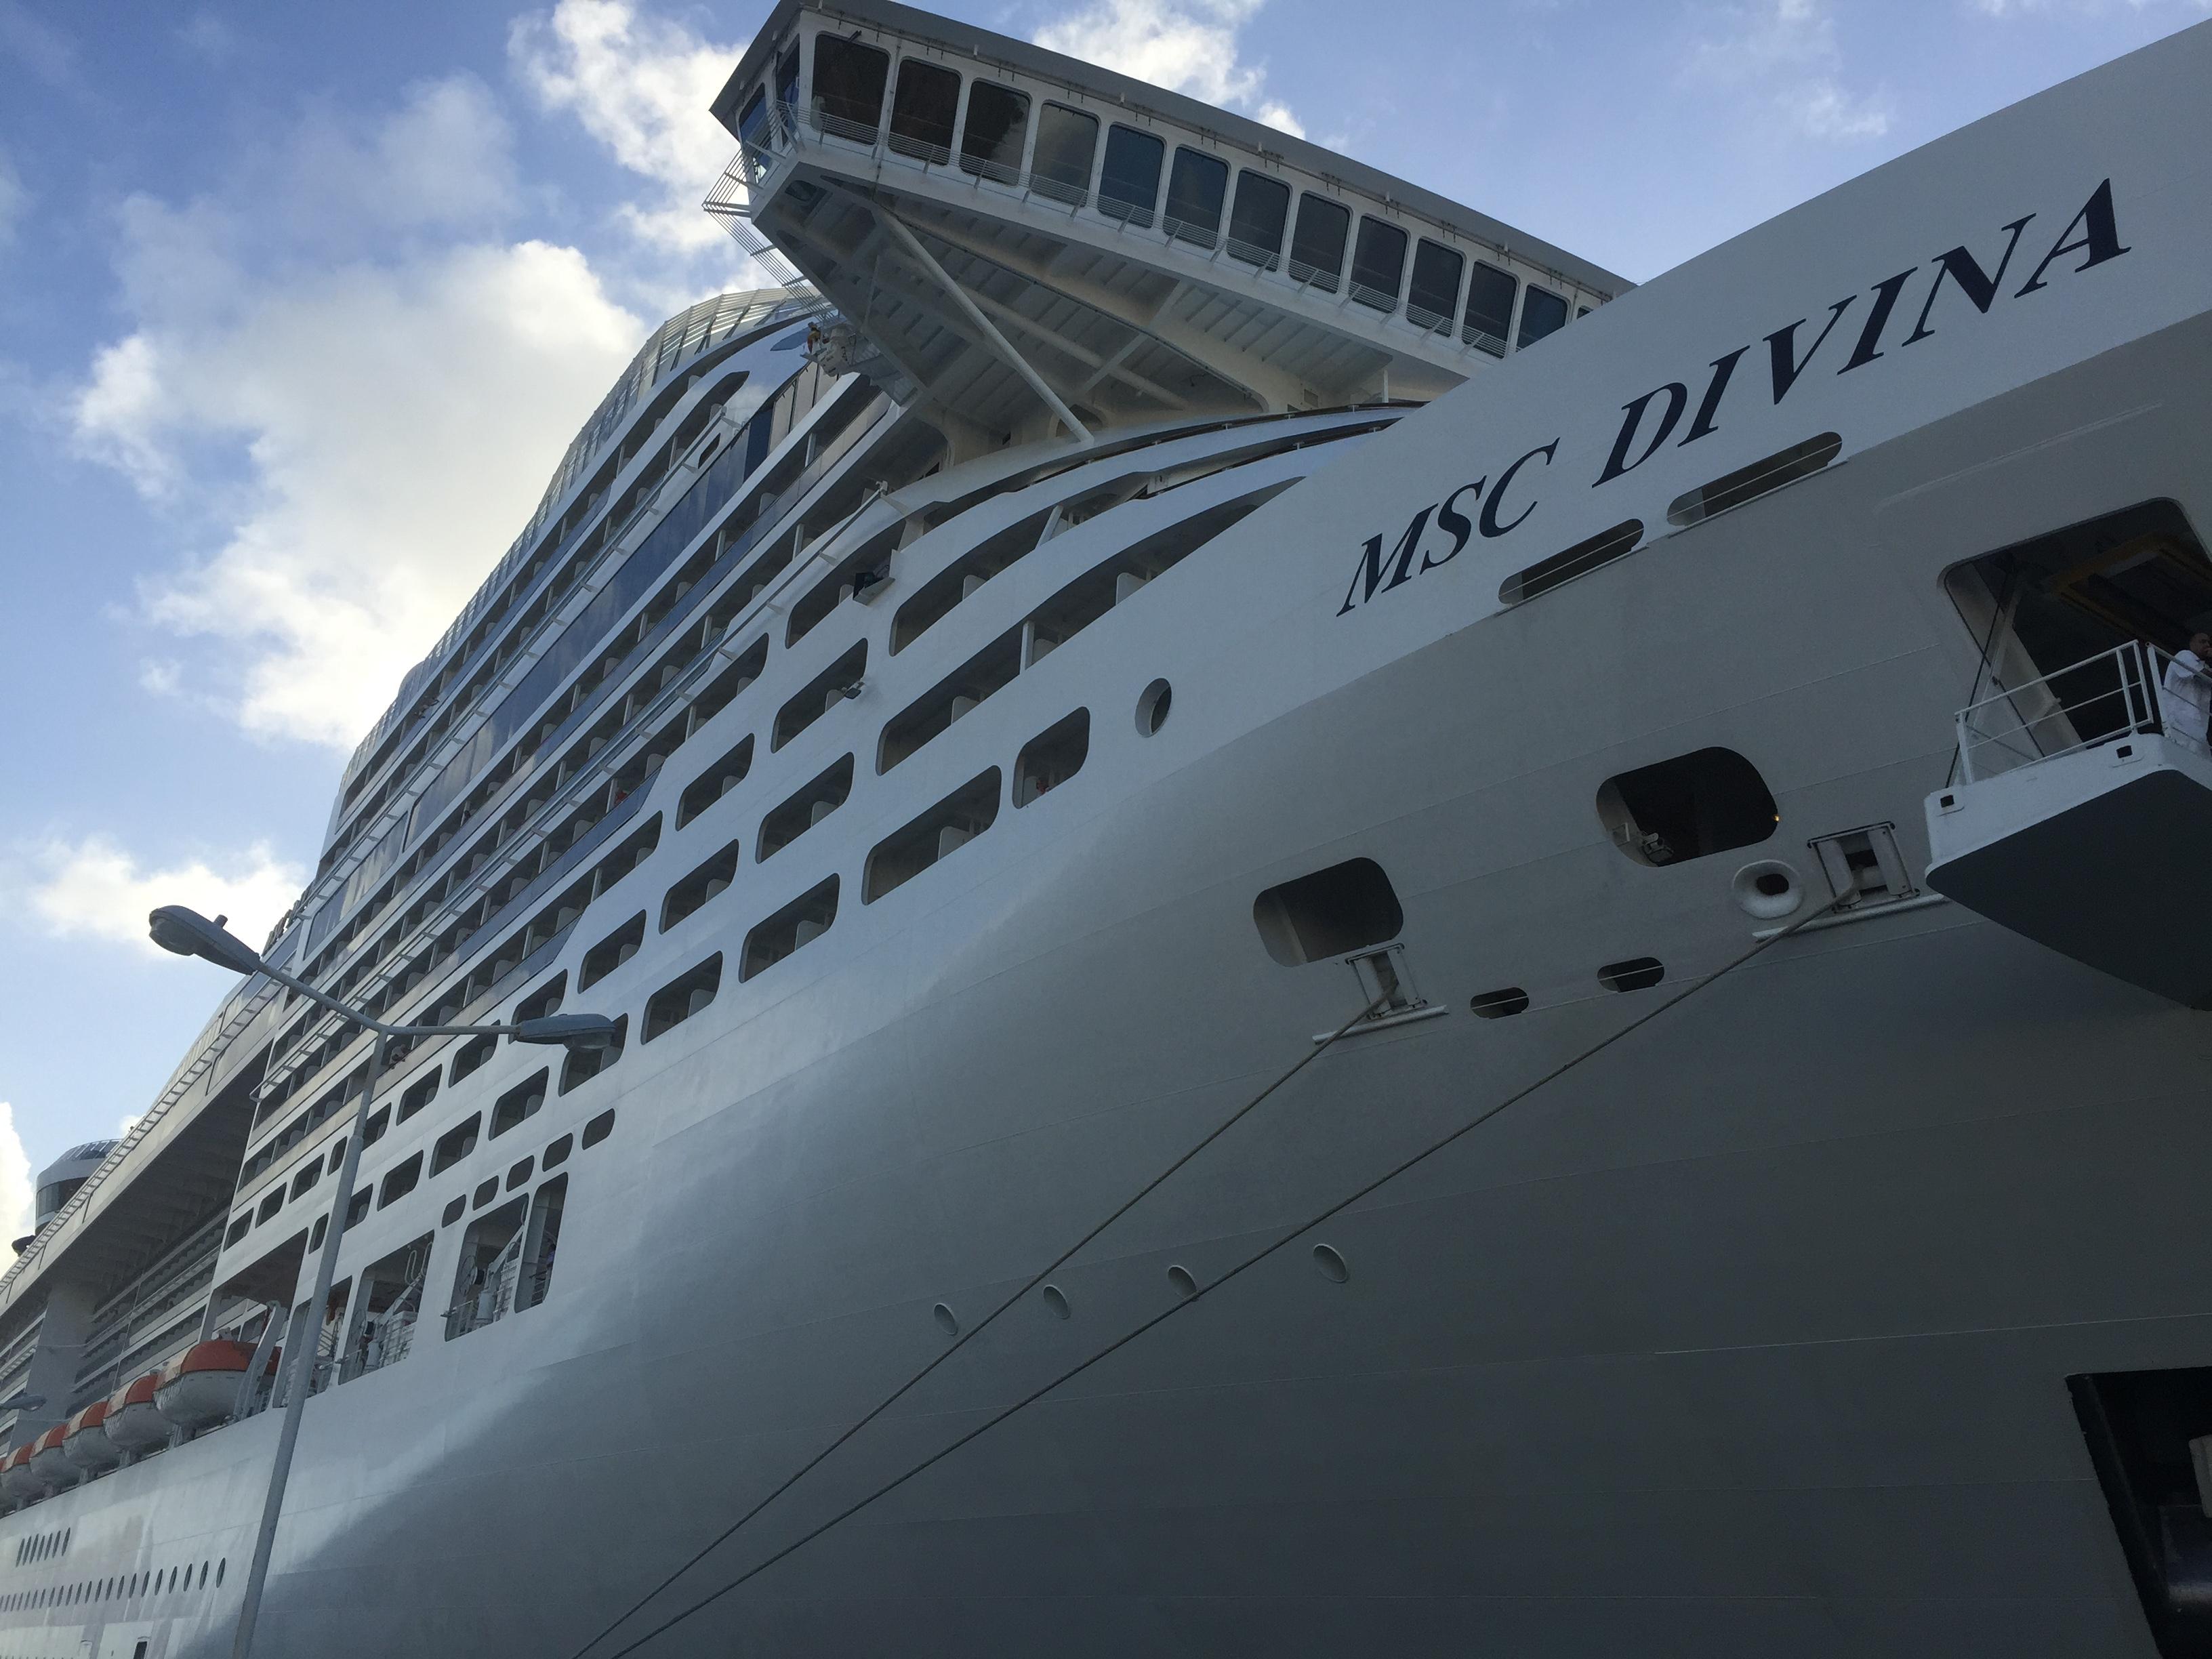 Crucero MSC Divina en el Puerto de Saint Marteen